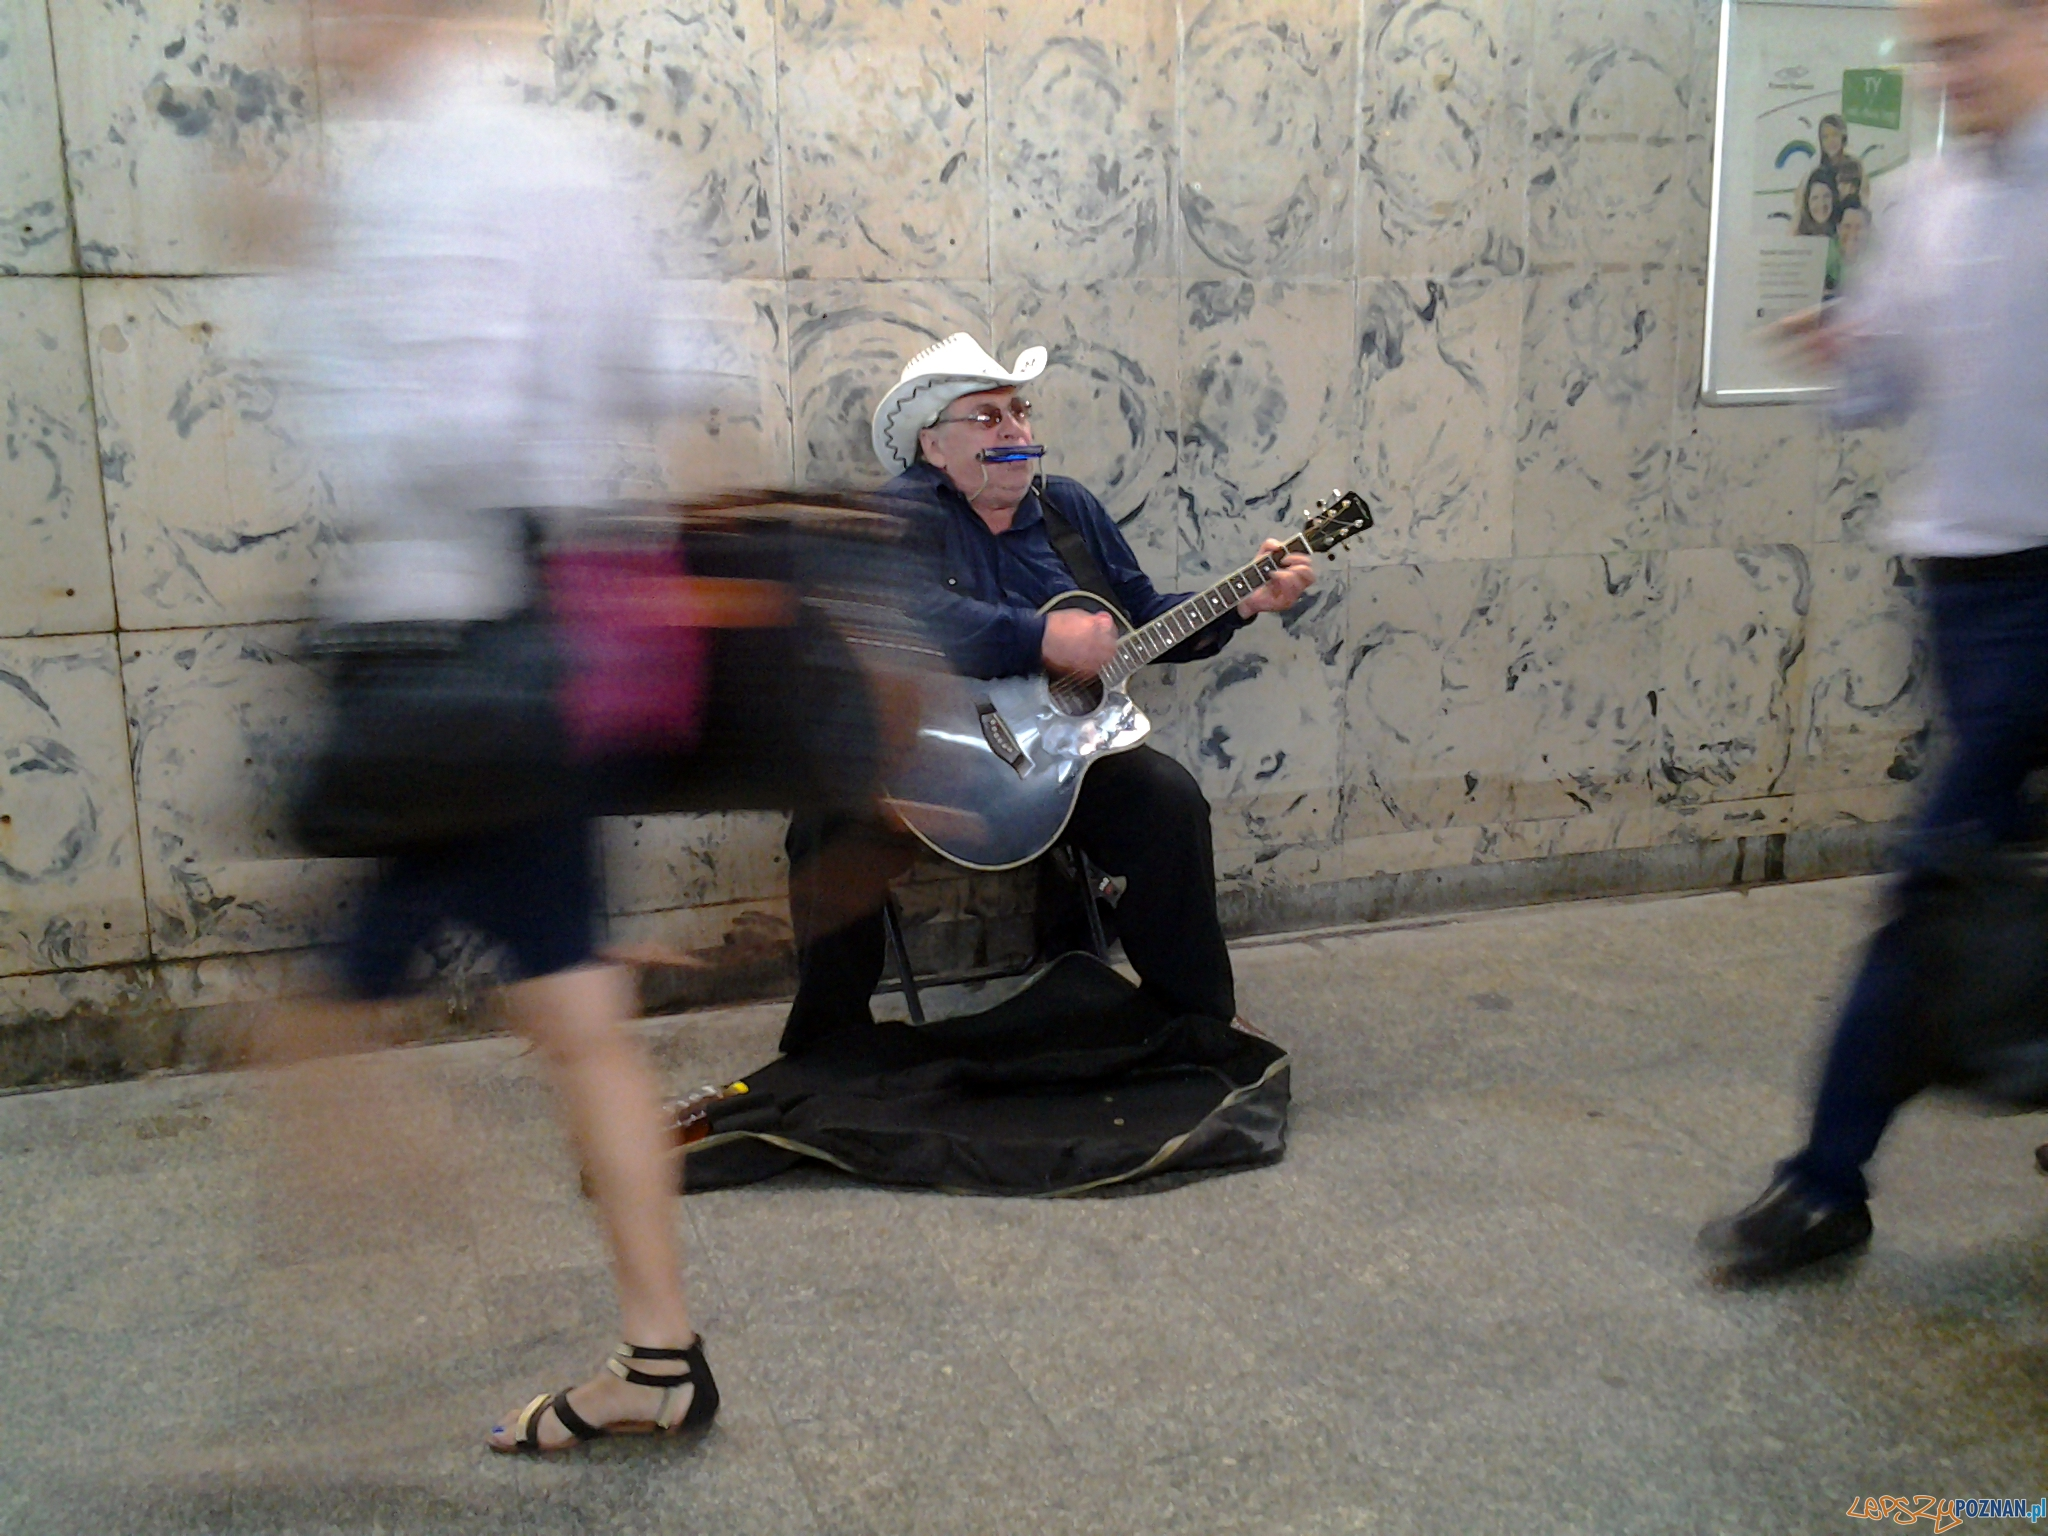 Pan Tadeusz- muzyk uliczny  Foto: lepszyPOZNAN.pl / tab 10.1